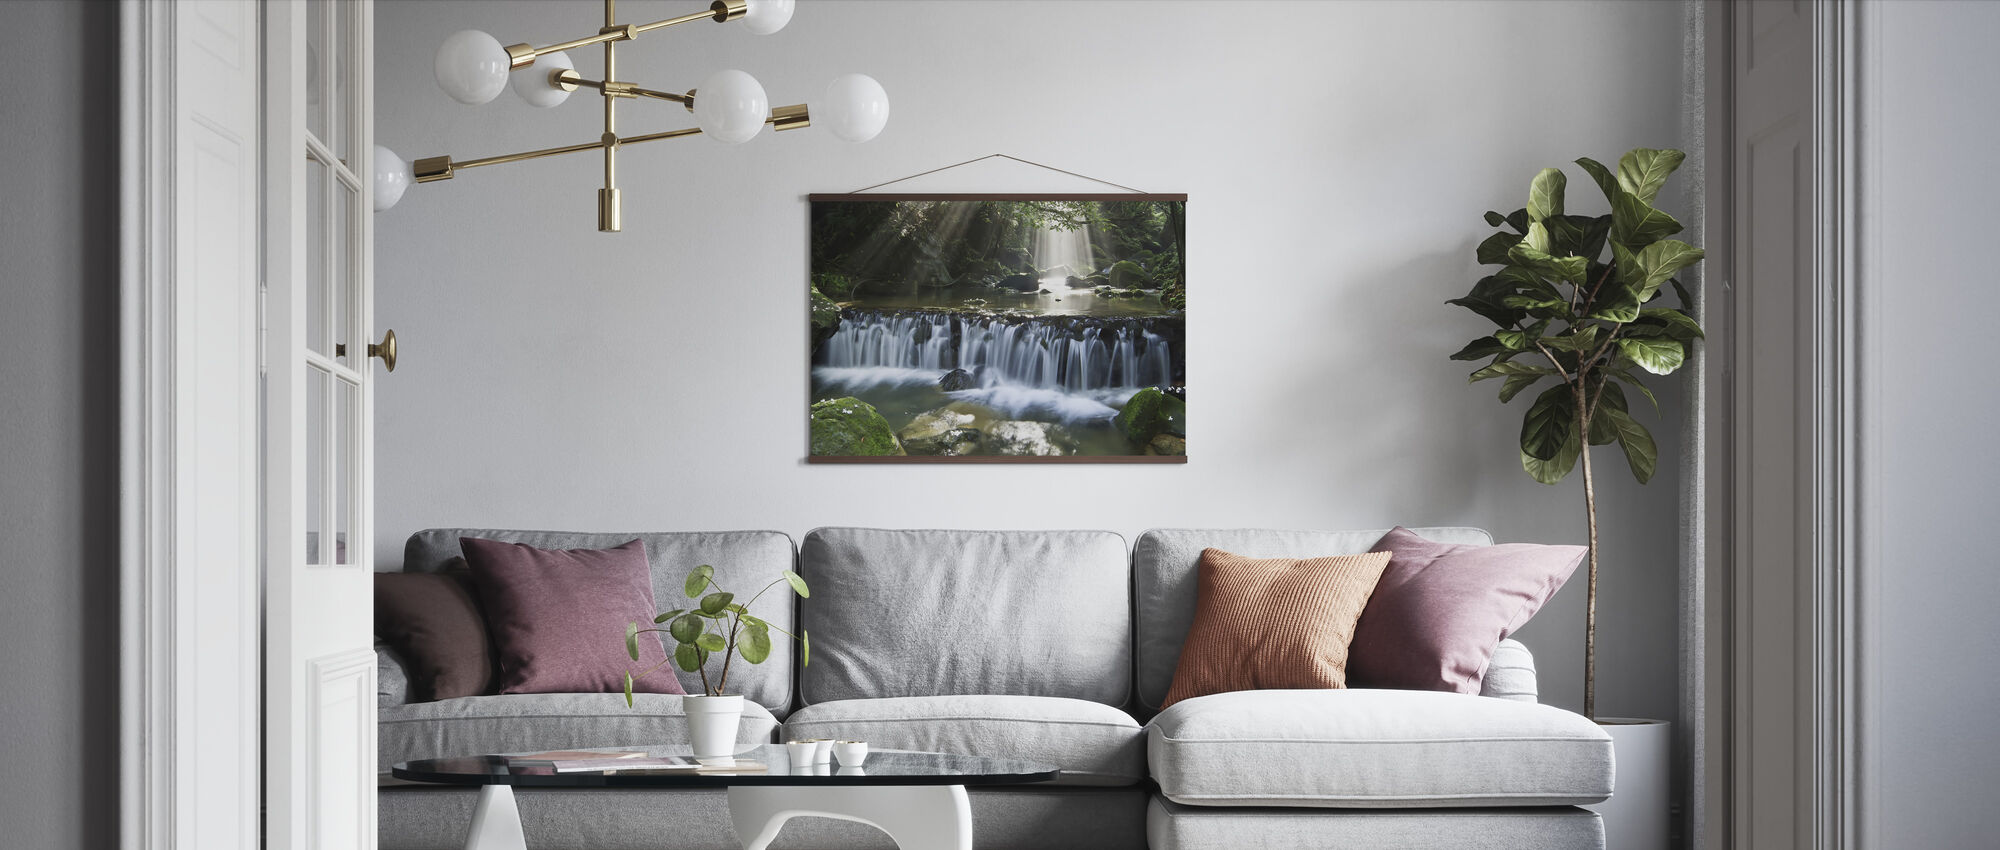 Schräglicht - Poster - Wohnzimmer